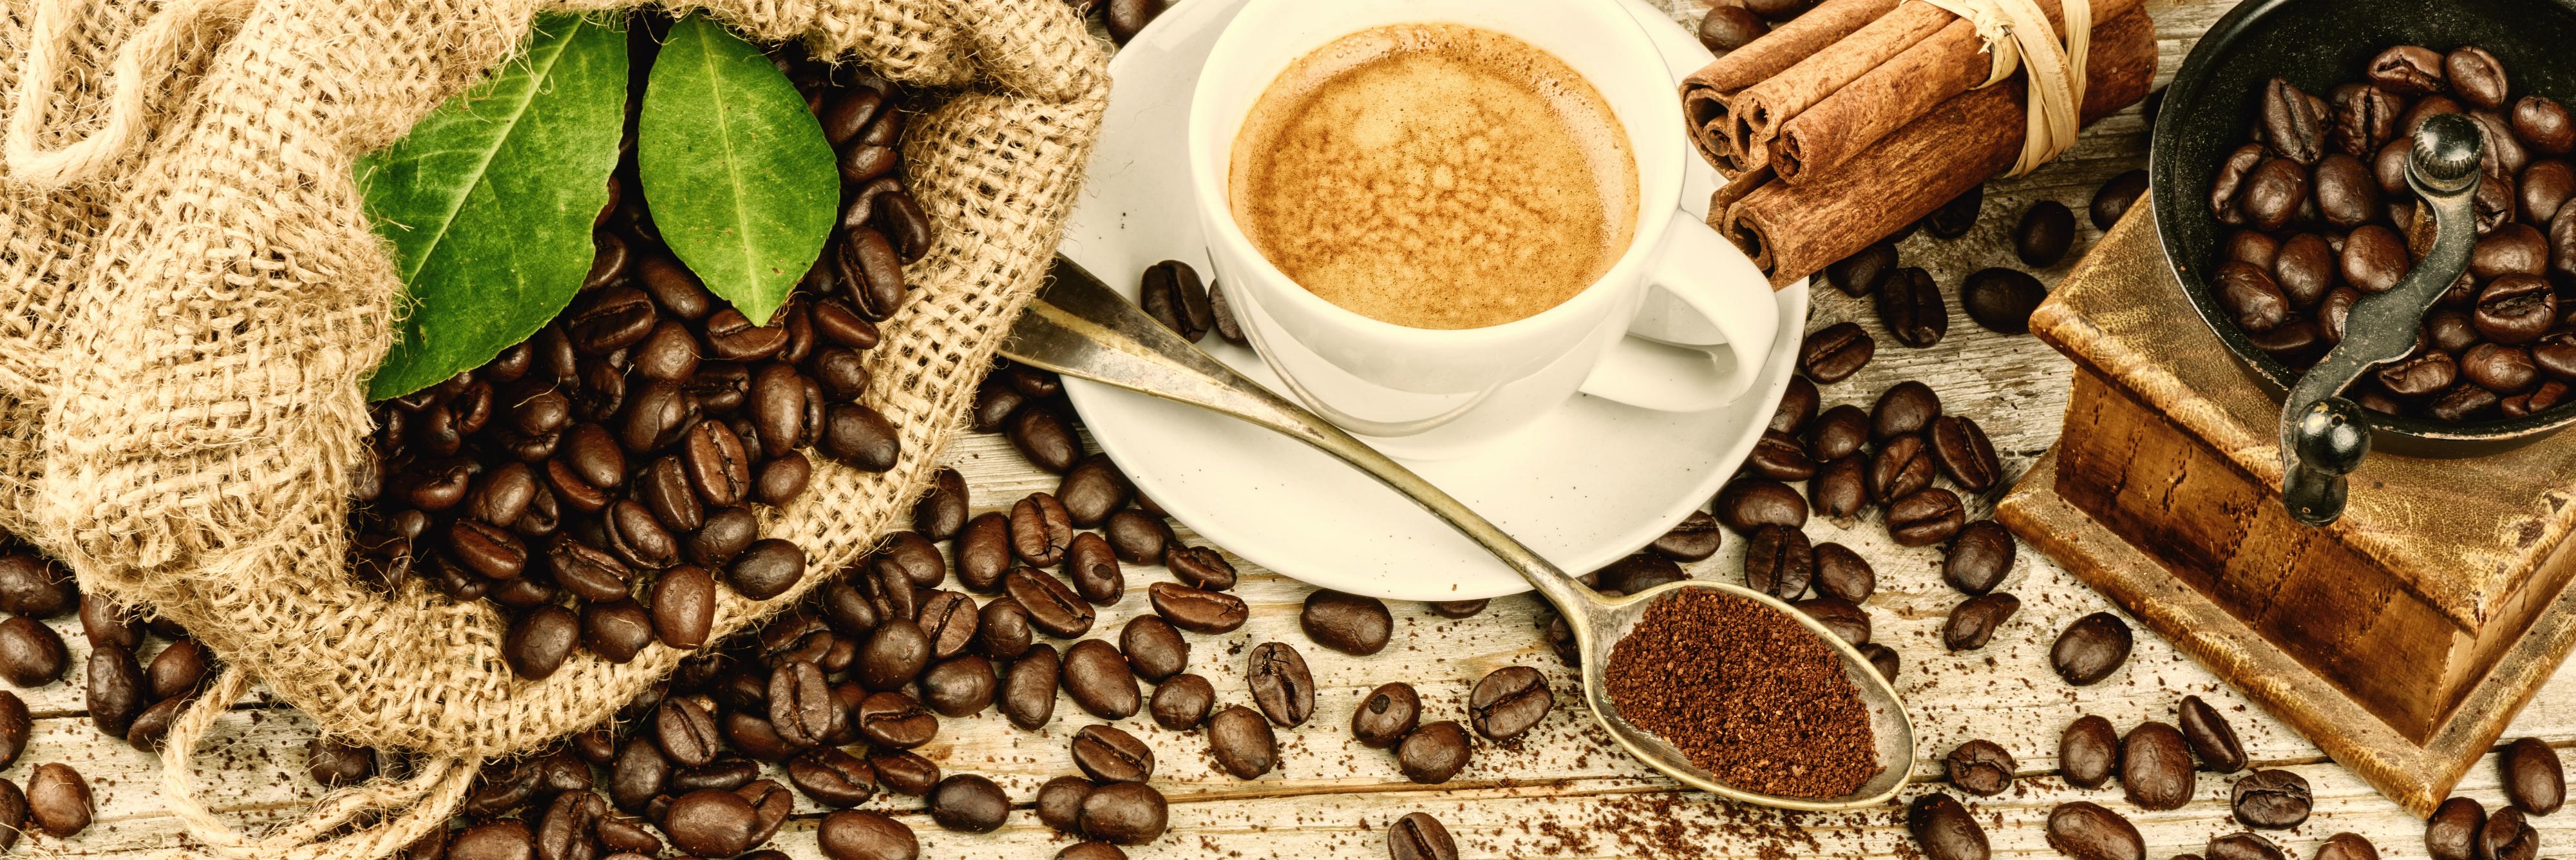 kaffeebohnen wissenswertes zum thema kaffee. Black Bedroom Furniture Sets. Home Design Ideas